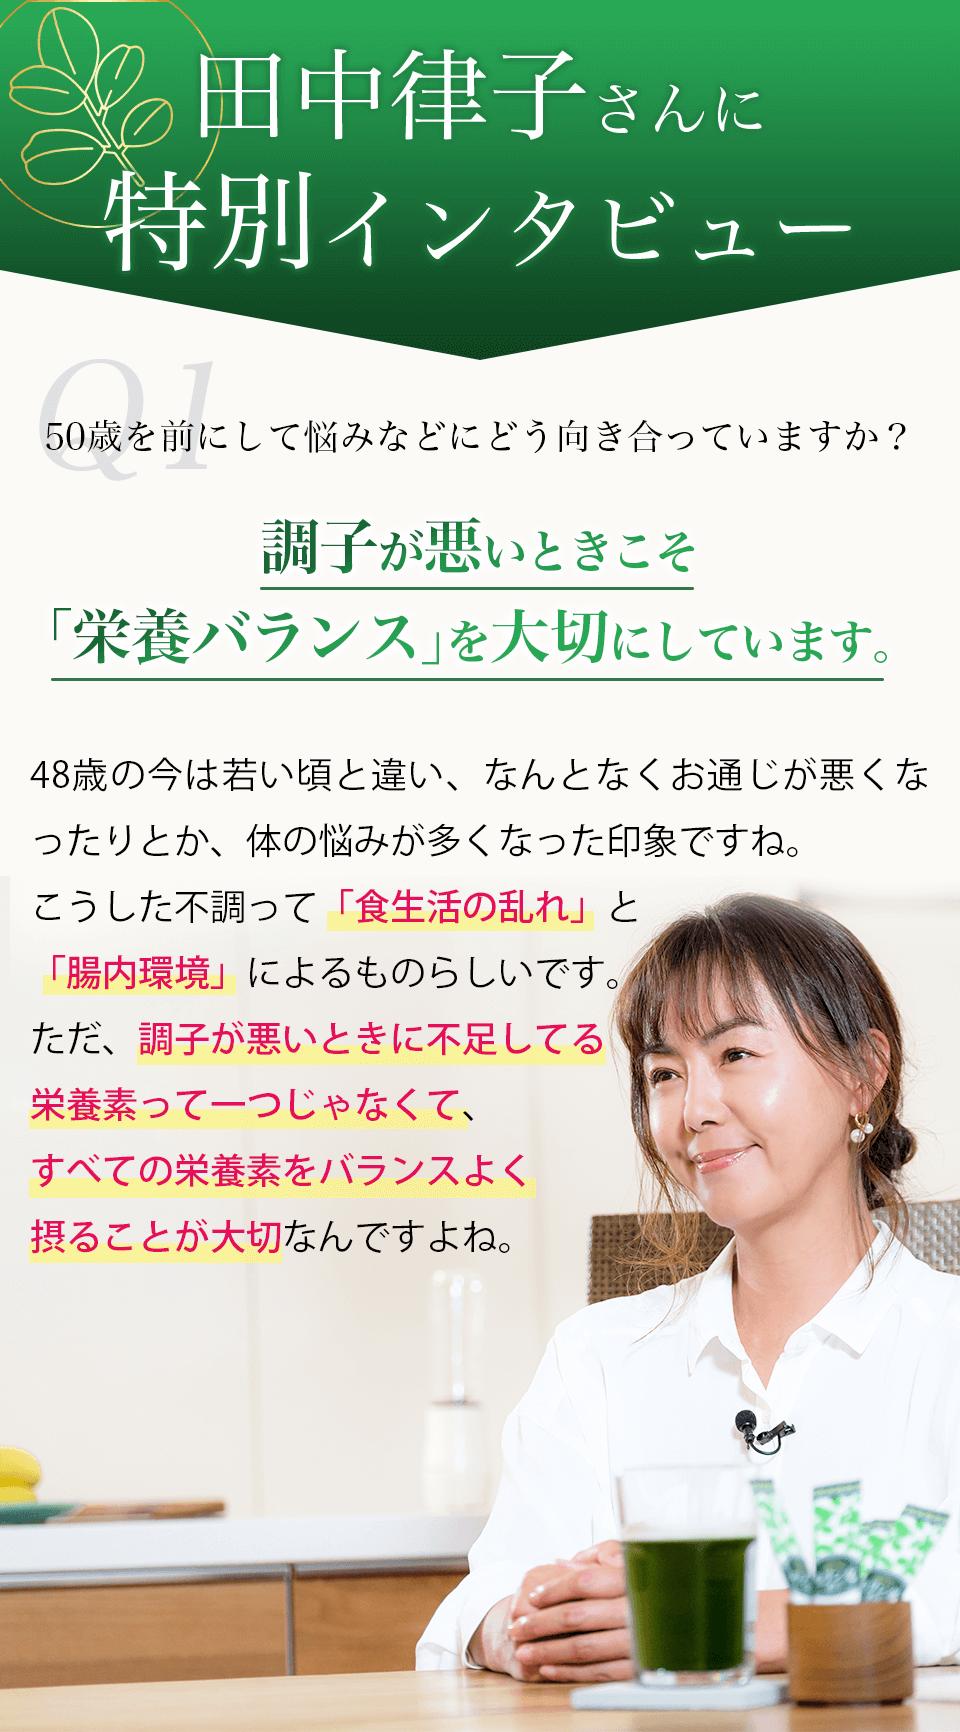 田中律子さん特別インタビュー 50代を前にして悩みにどう向き合っていますか?